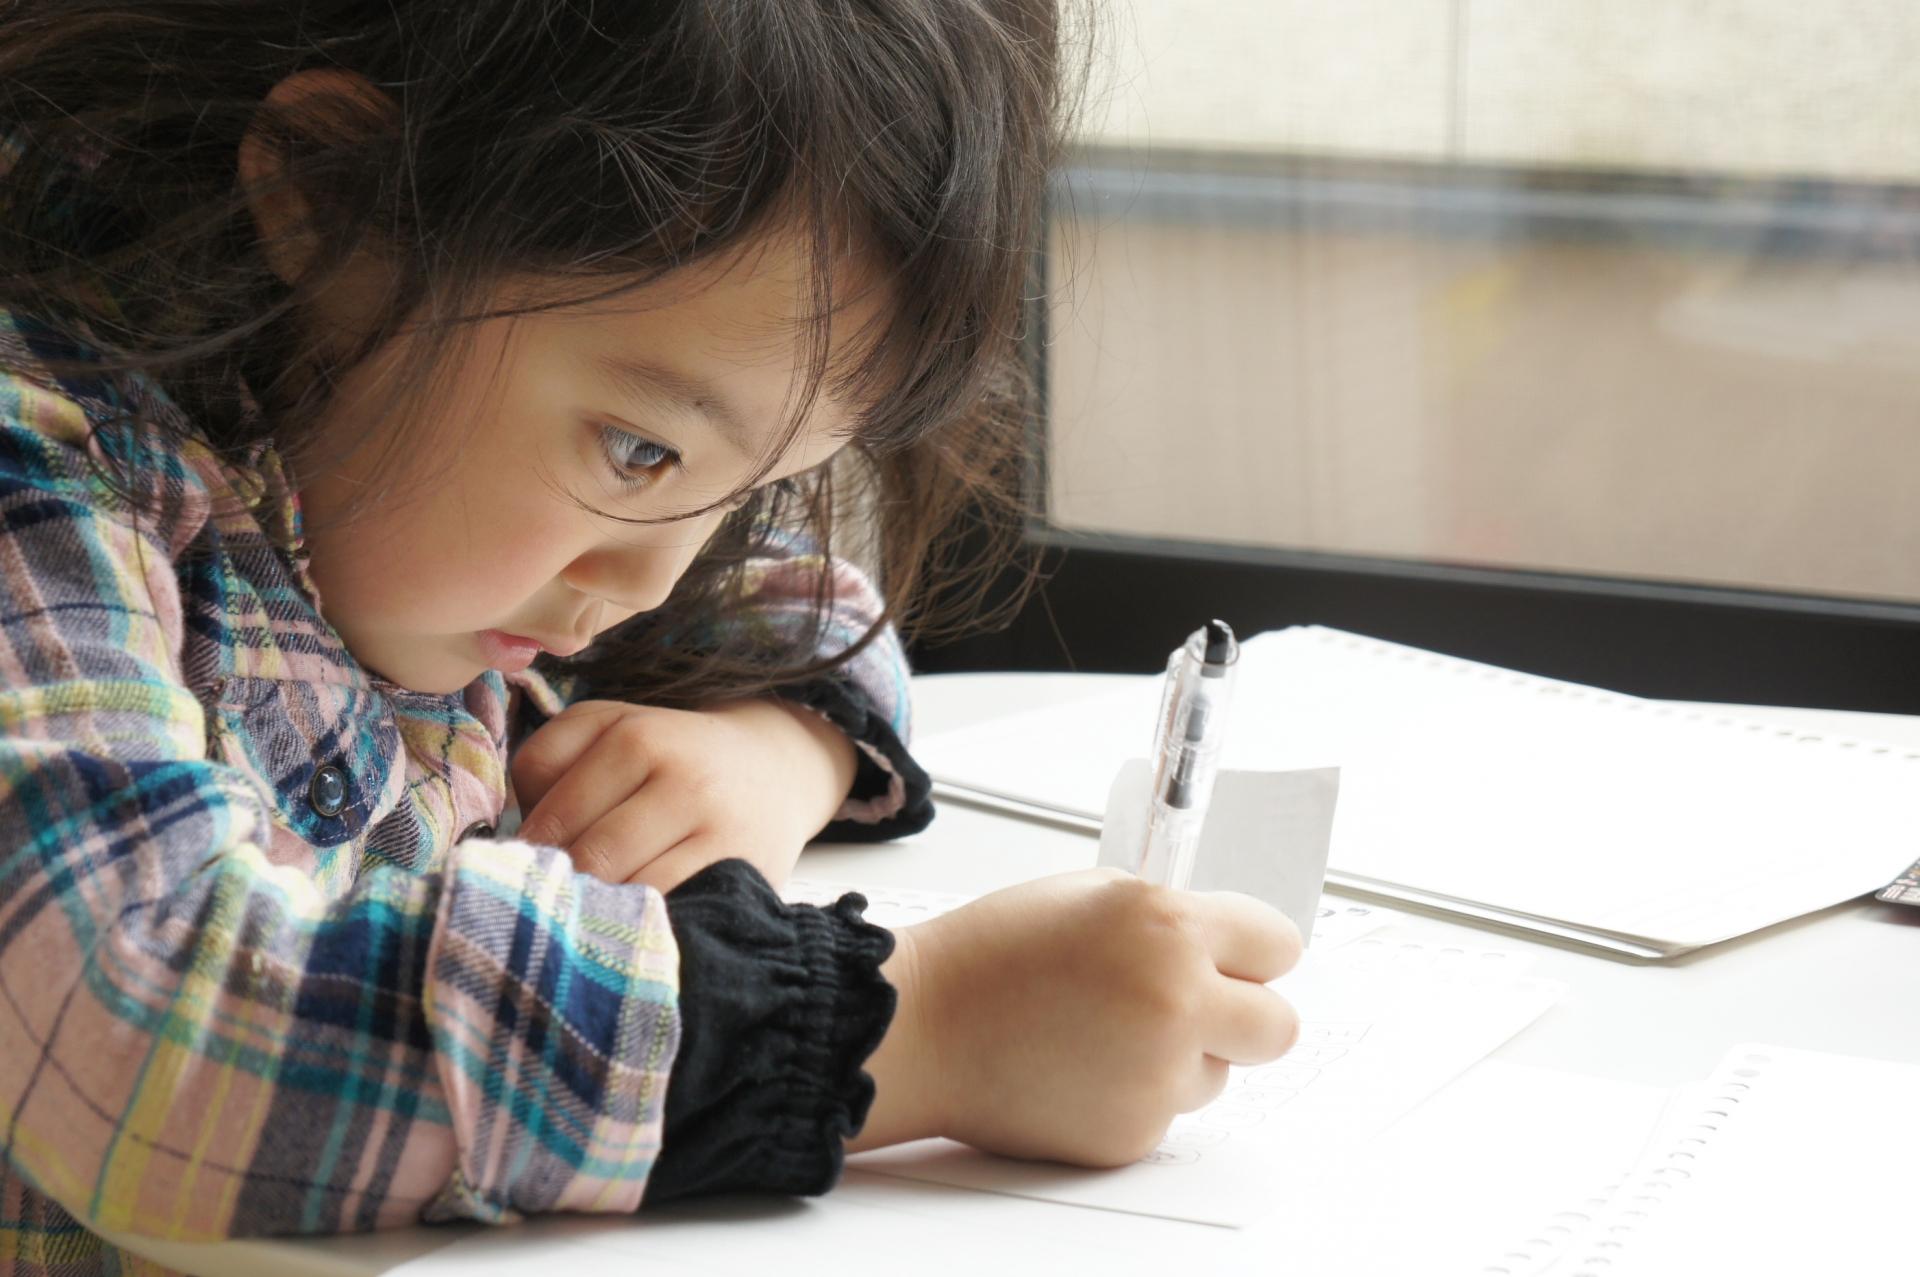 「子どもの貧困対策法」の成立から3年。対処から対策へ―無料塾や子ども食堂の次に必要な対応とは?